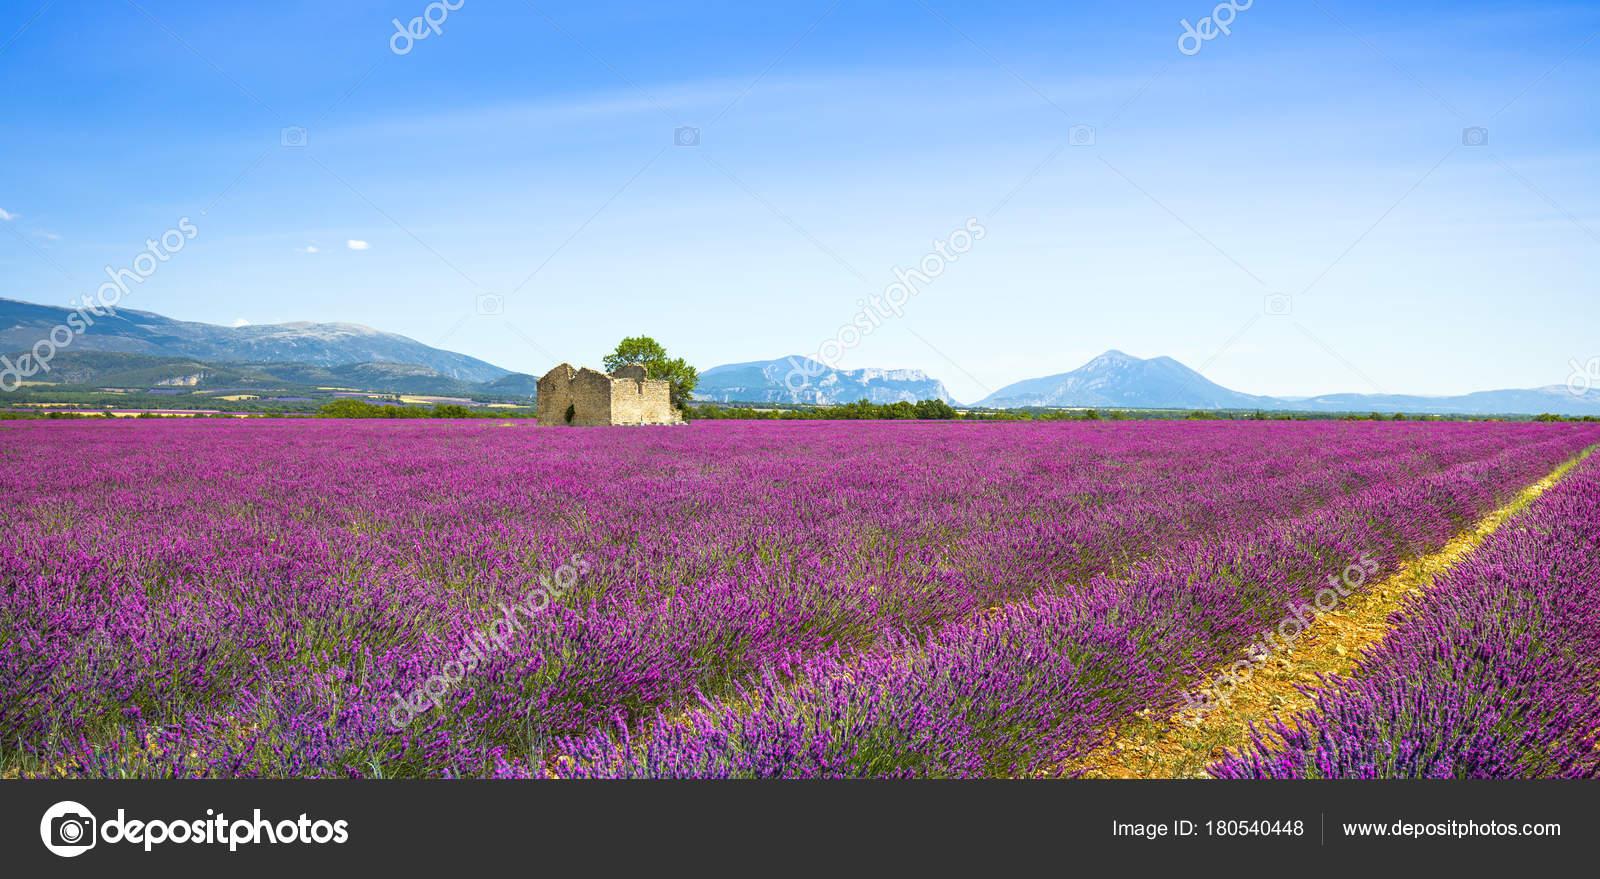 Лавандовые цветы, цветущие поля, старый дом и дерево ...